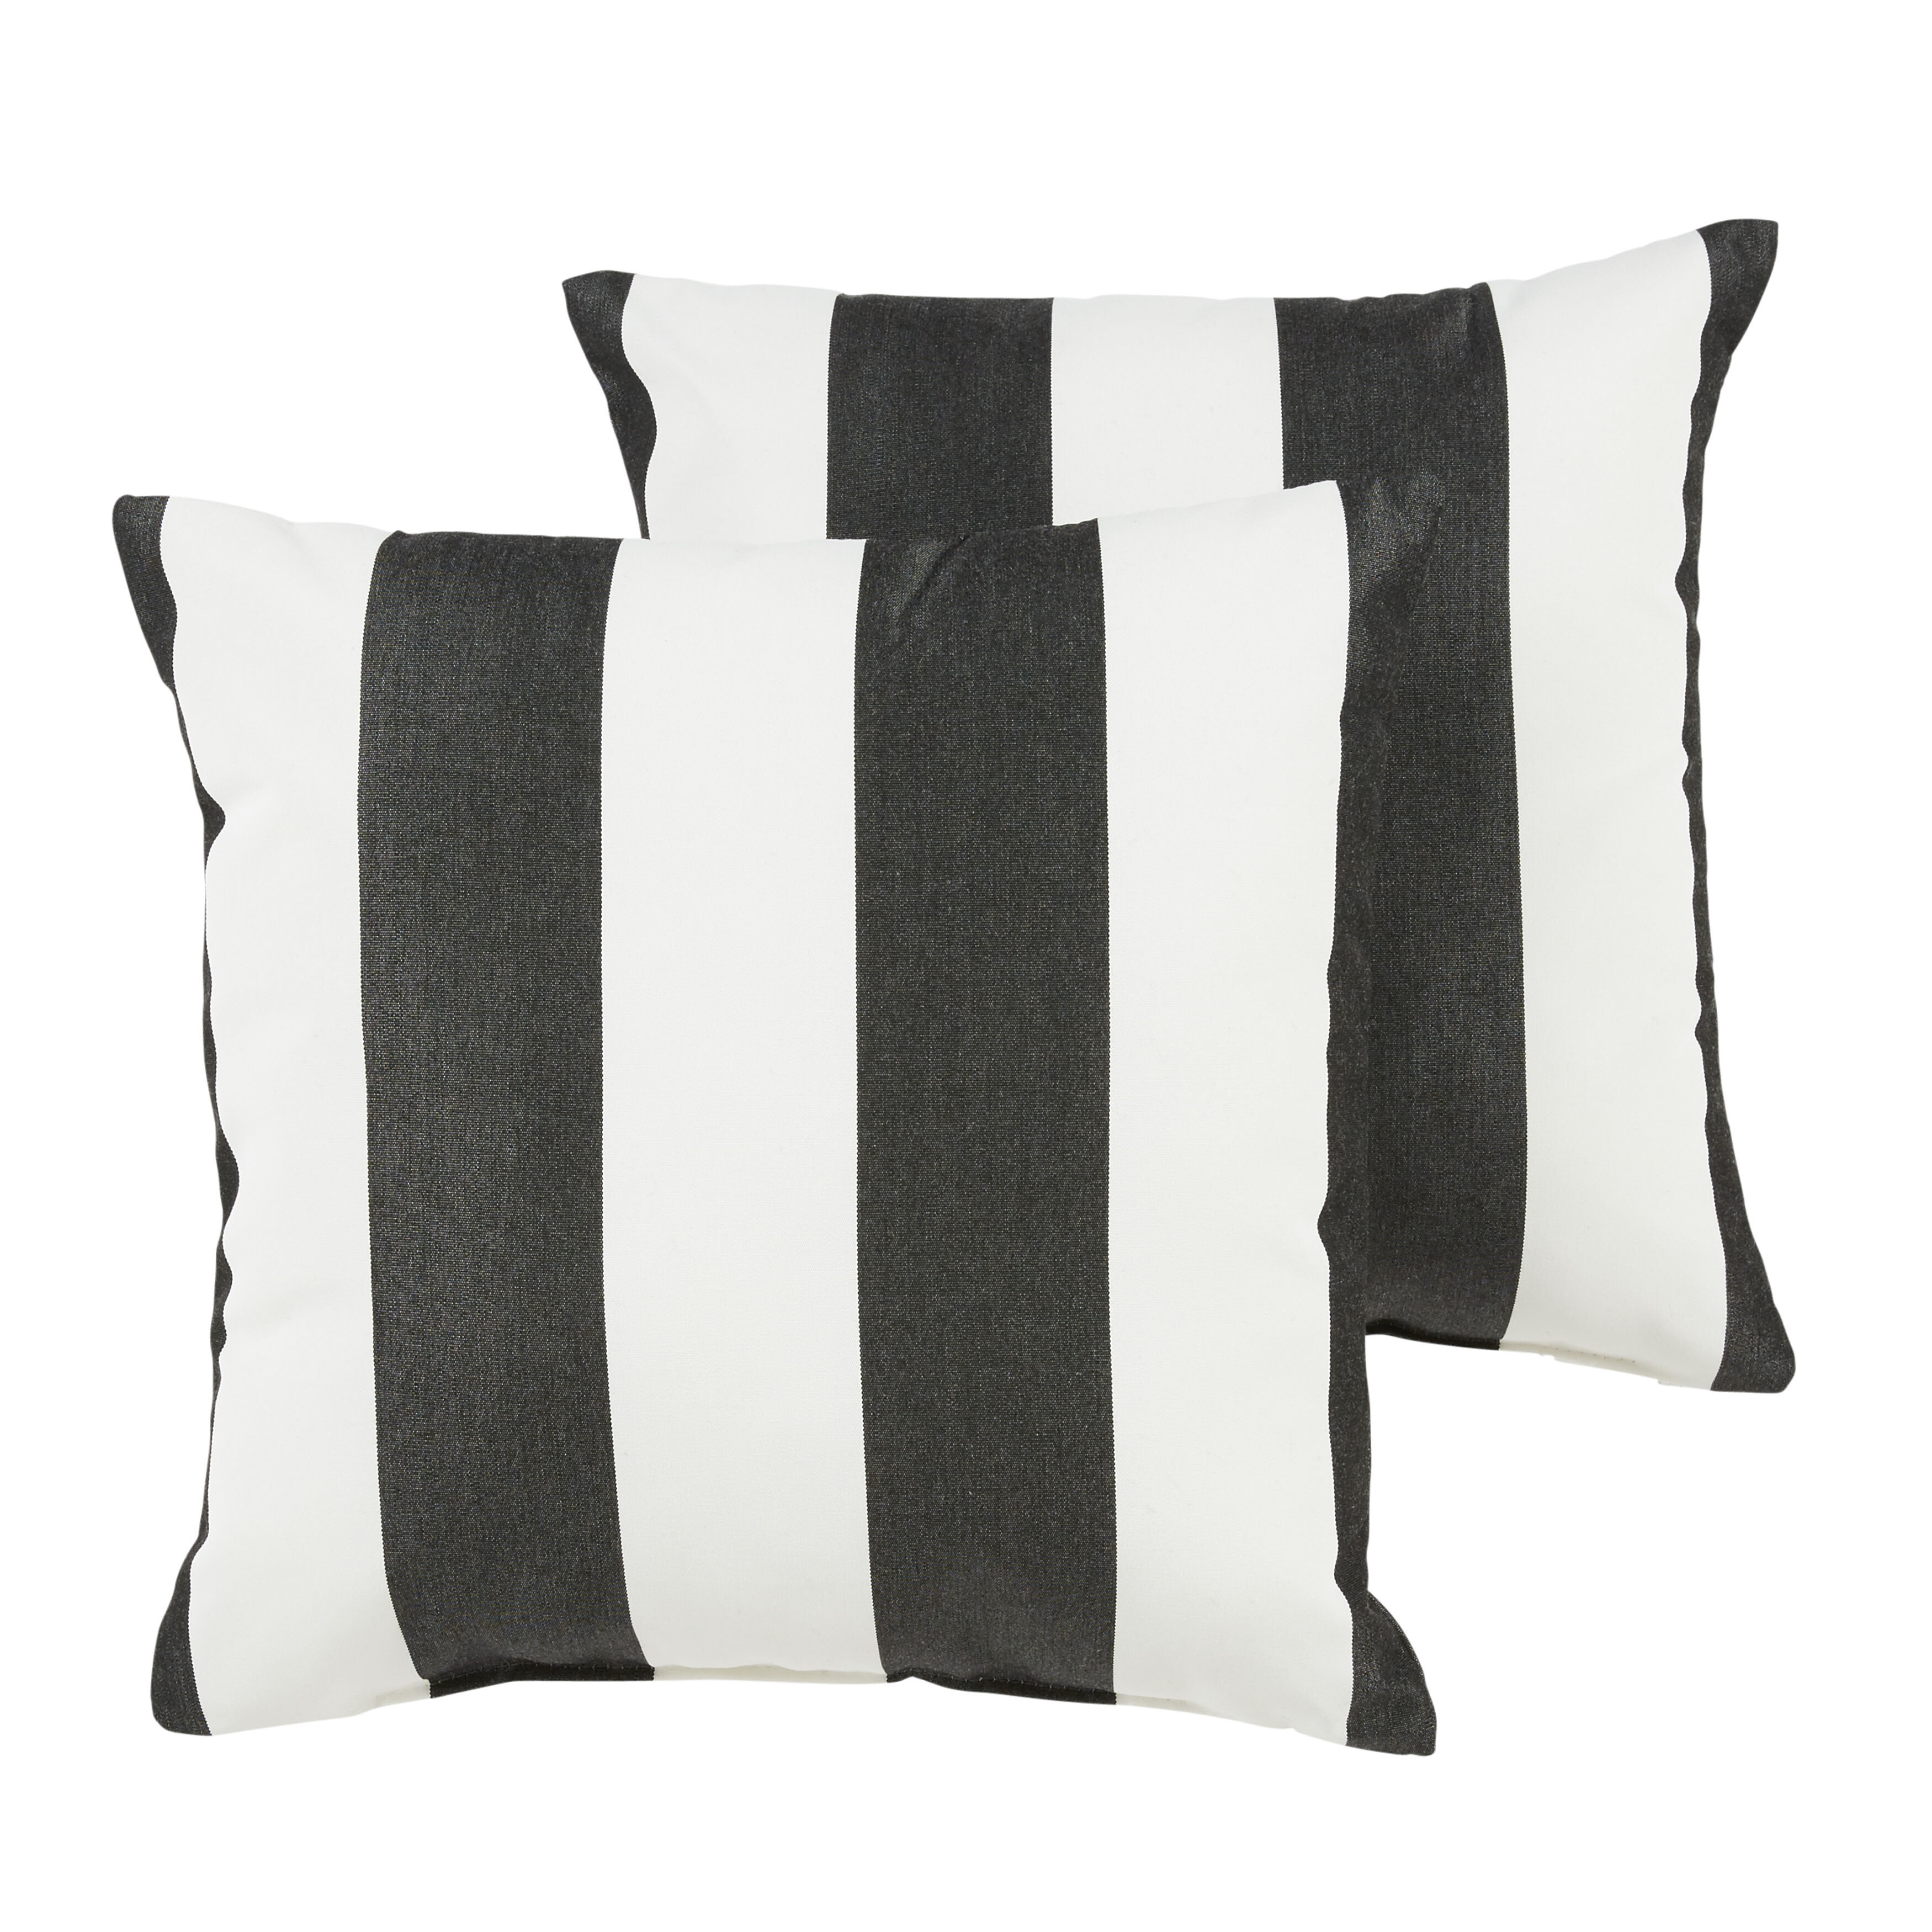 Delicieux Stonebridge Square Indoor/Outdoor Sunbrella Throw Pillow U0026 Reviews |  AllModern